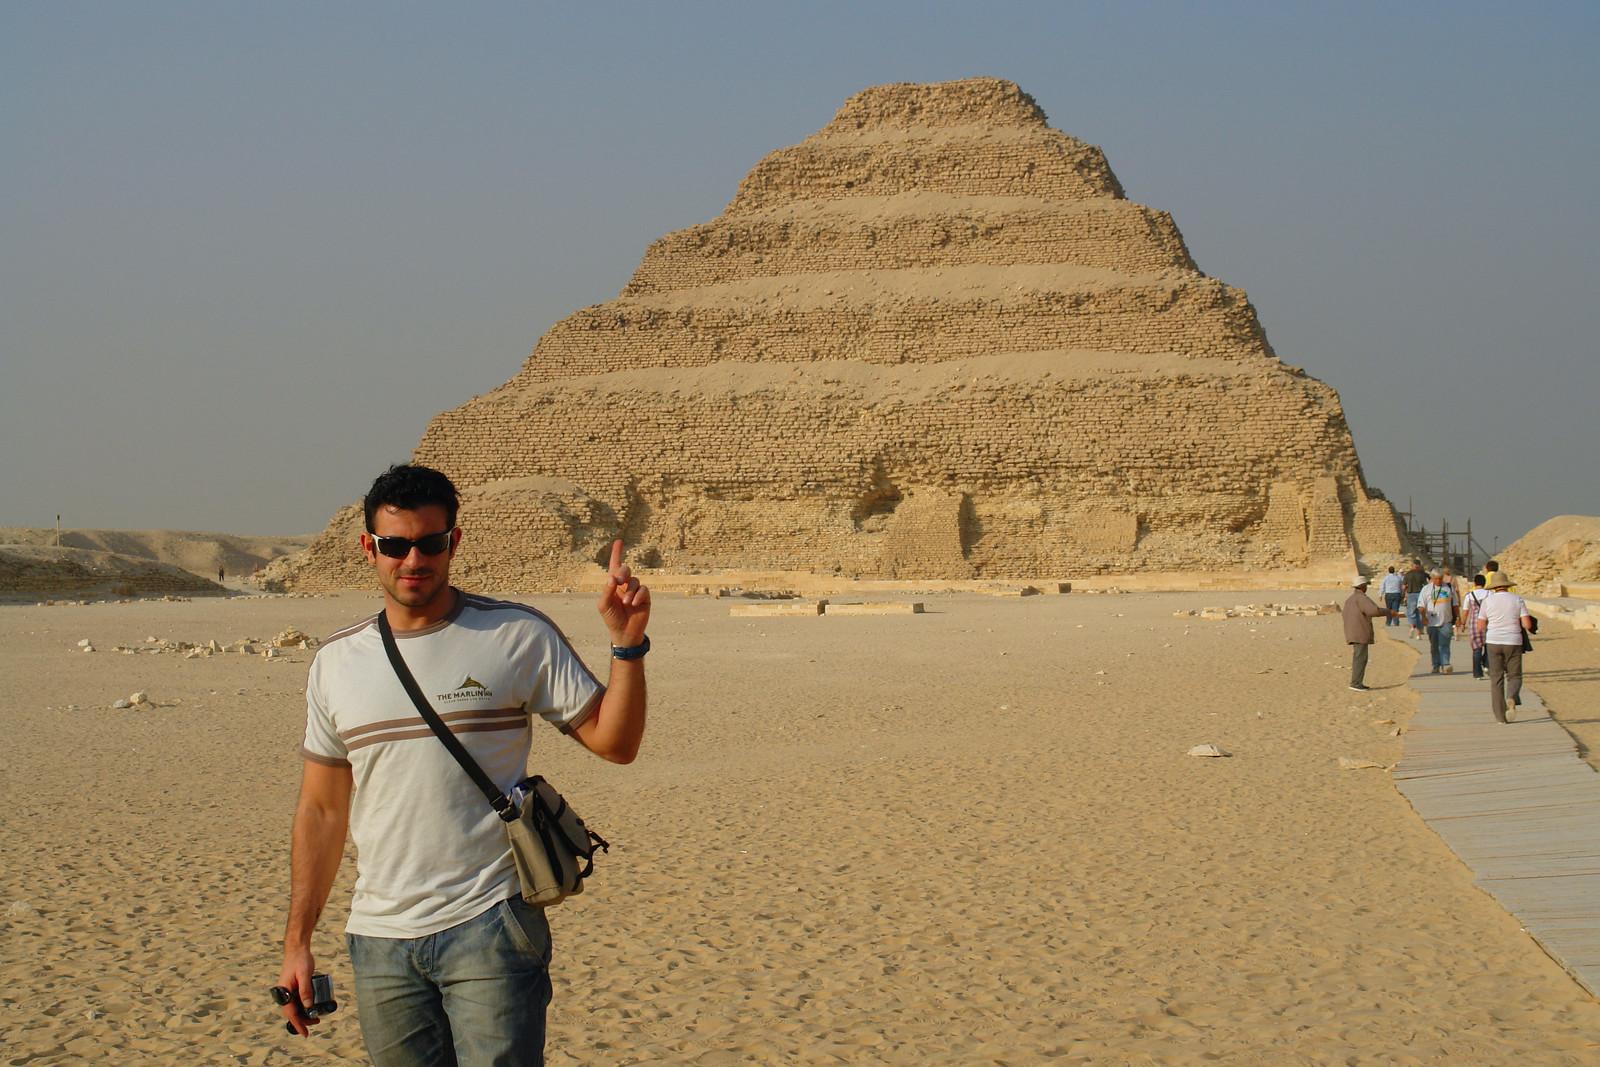 Qué ver en El Cairo, Egipto lugares que visitar en el cairo - 39184098930 2cddb0b8b5 h - 10+1 lugares que visitar en El Cairo